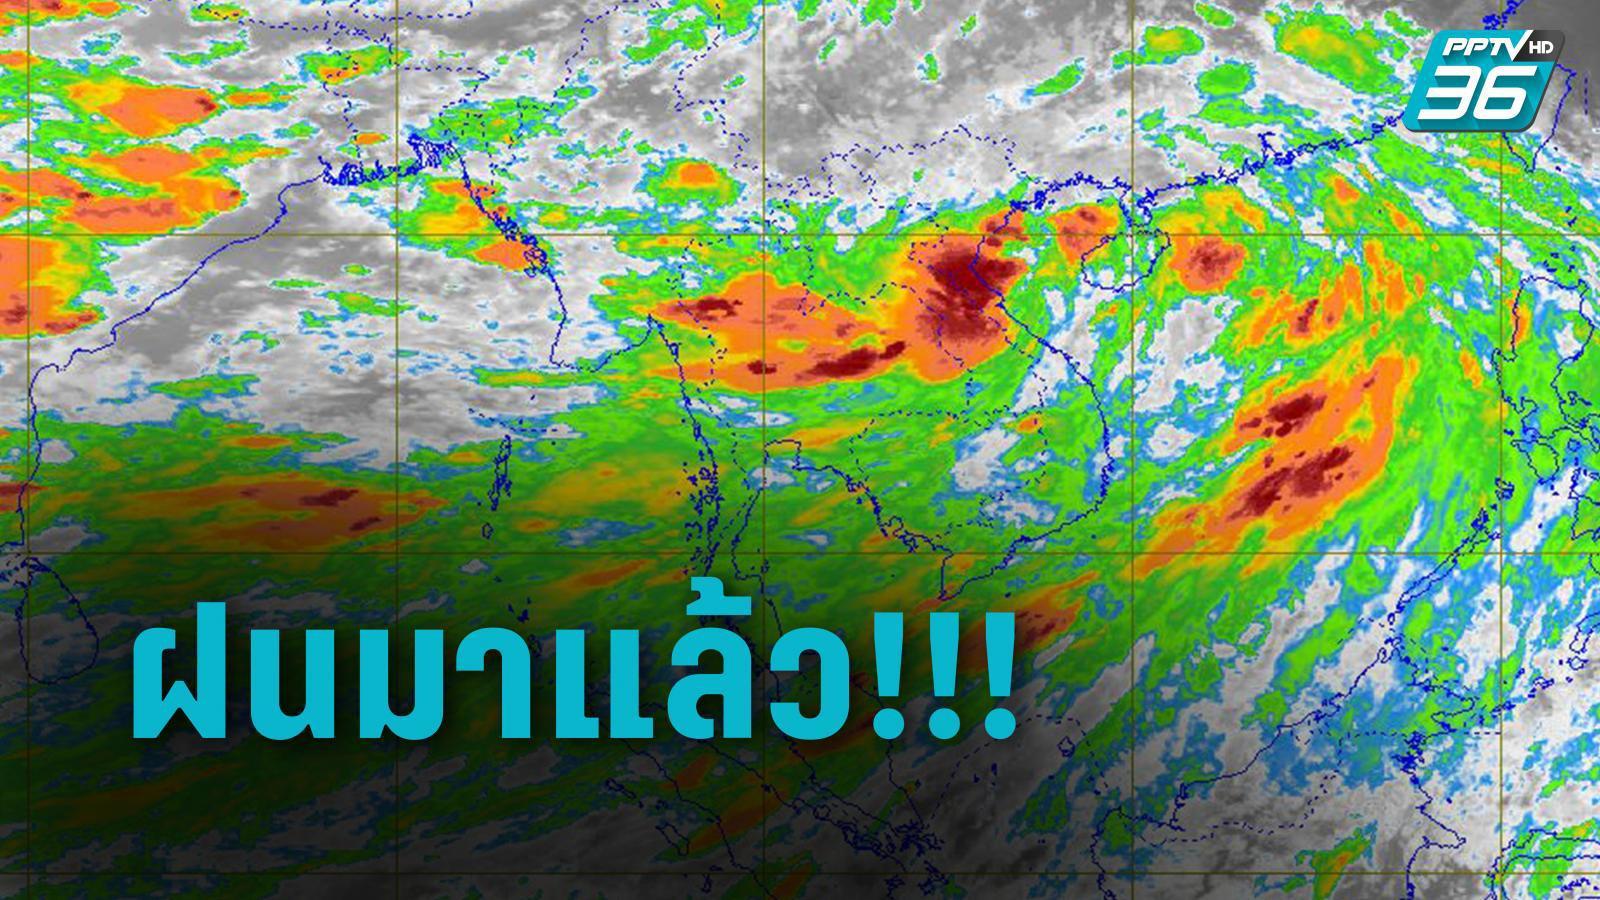 พยากรณ์อากาศวันนี้ อุตุฯ เตือน ทั่วไทยระวังฝนตกหนัก – กทม.มีปริมาณฝน 40%